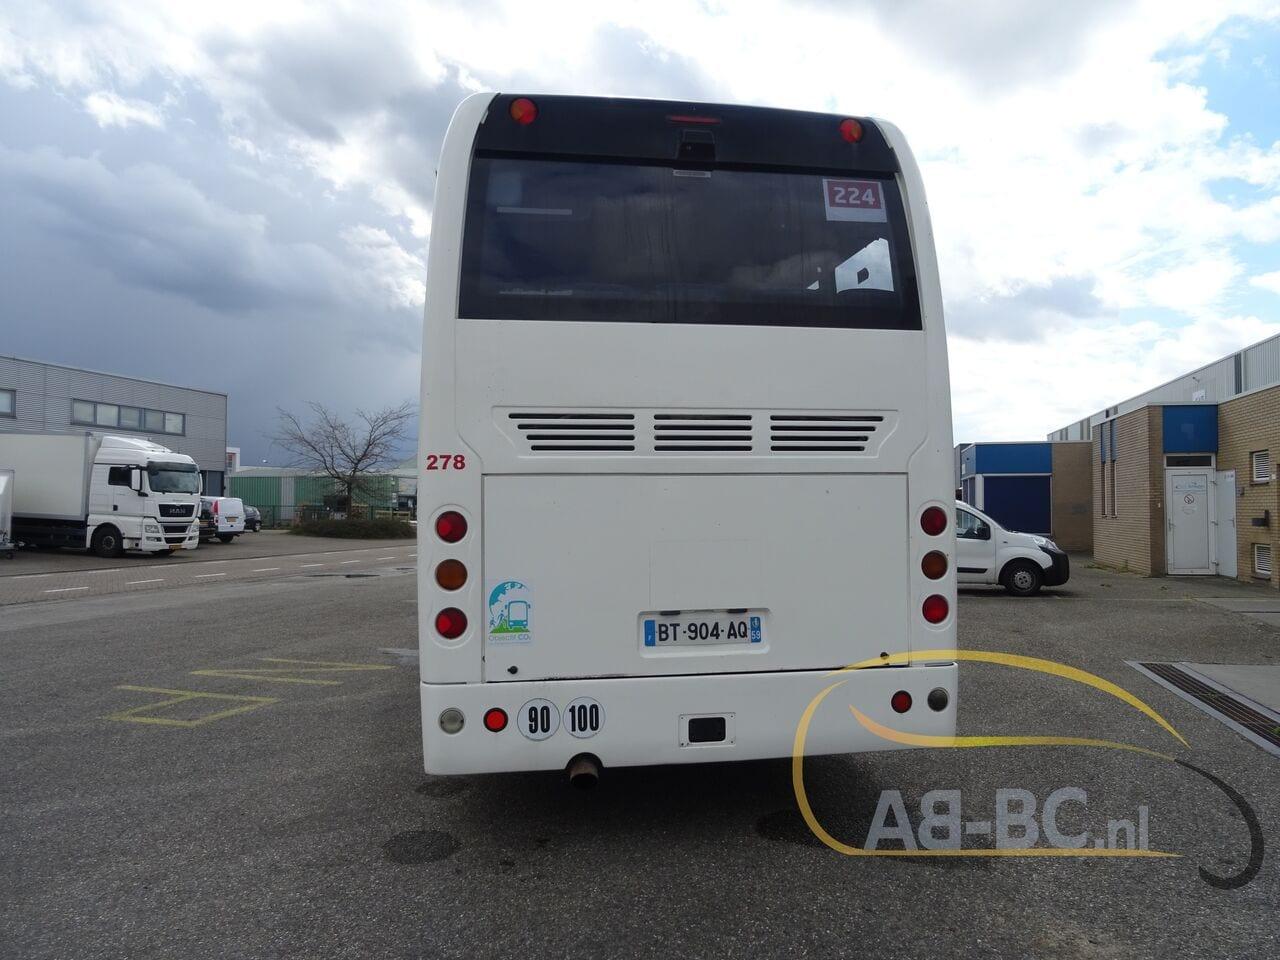 coach-busTEMSA-Safari-RD-65-Seats---1620311742027480571_big_5f4c801a148a47a2bdb6fcafa1b2c074--21050617272795316700